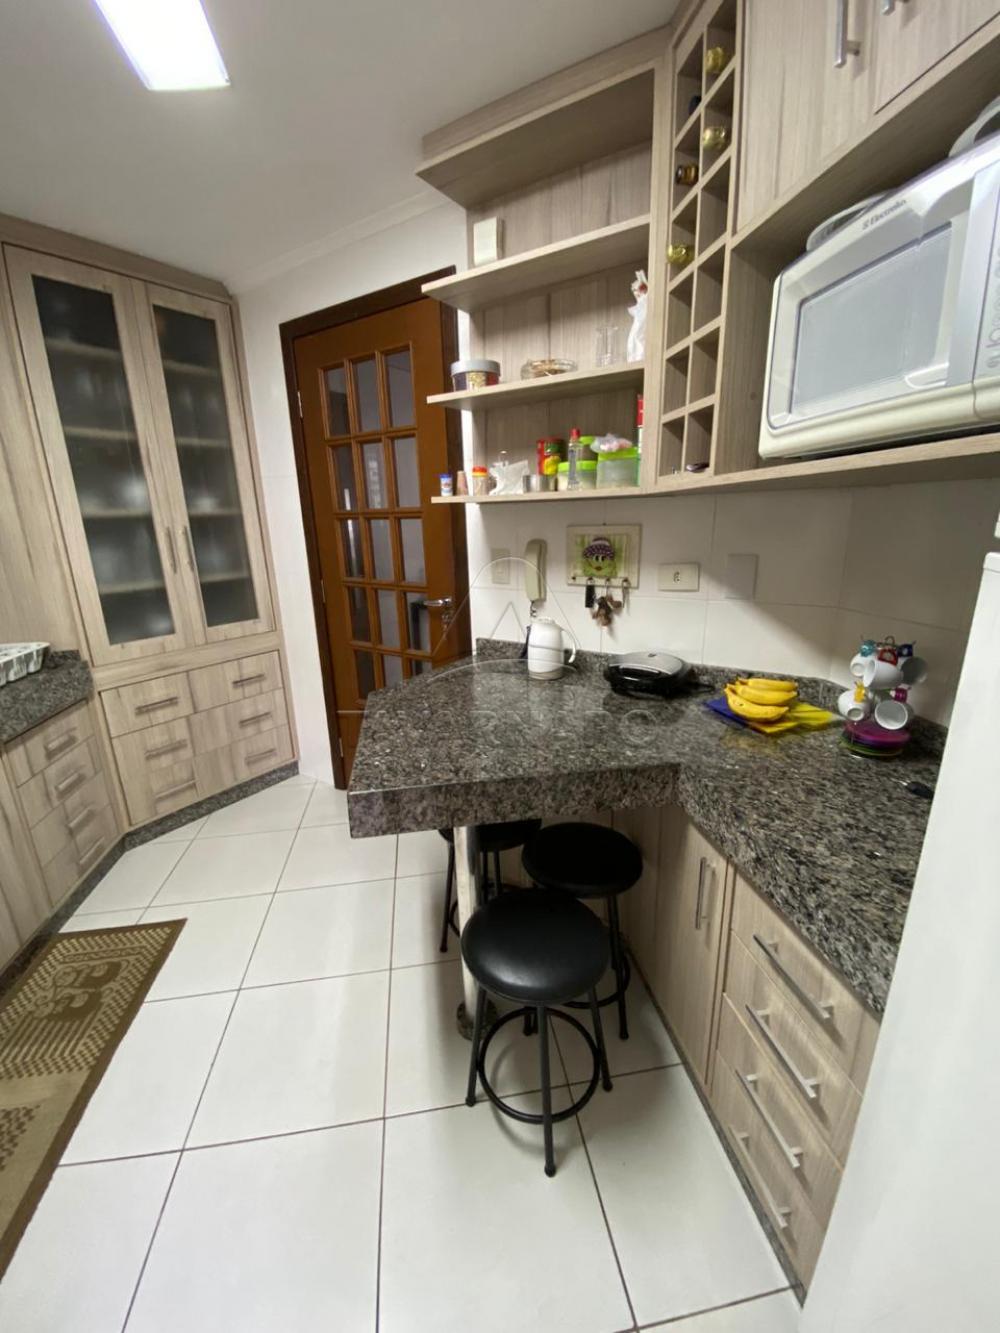 Comprar Apartamento / Padrão em Ponta Grossa R$ 450.000,00 - Foto 3